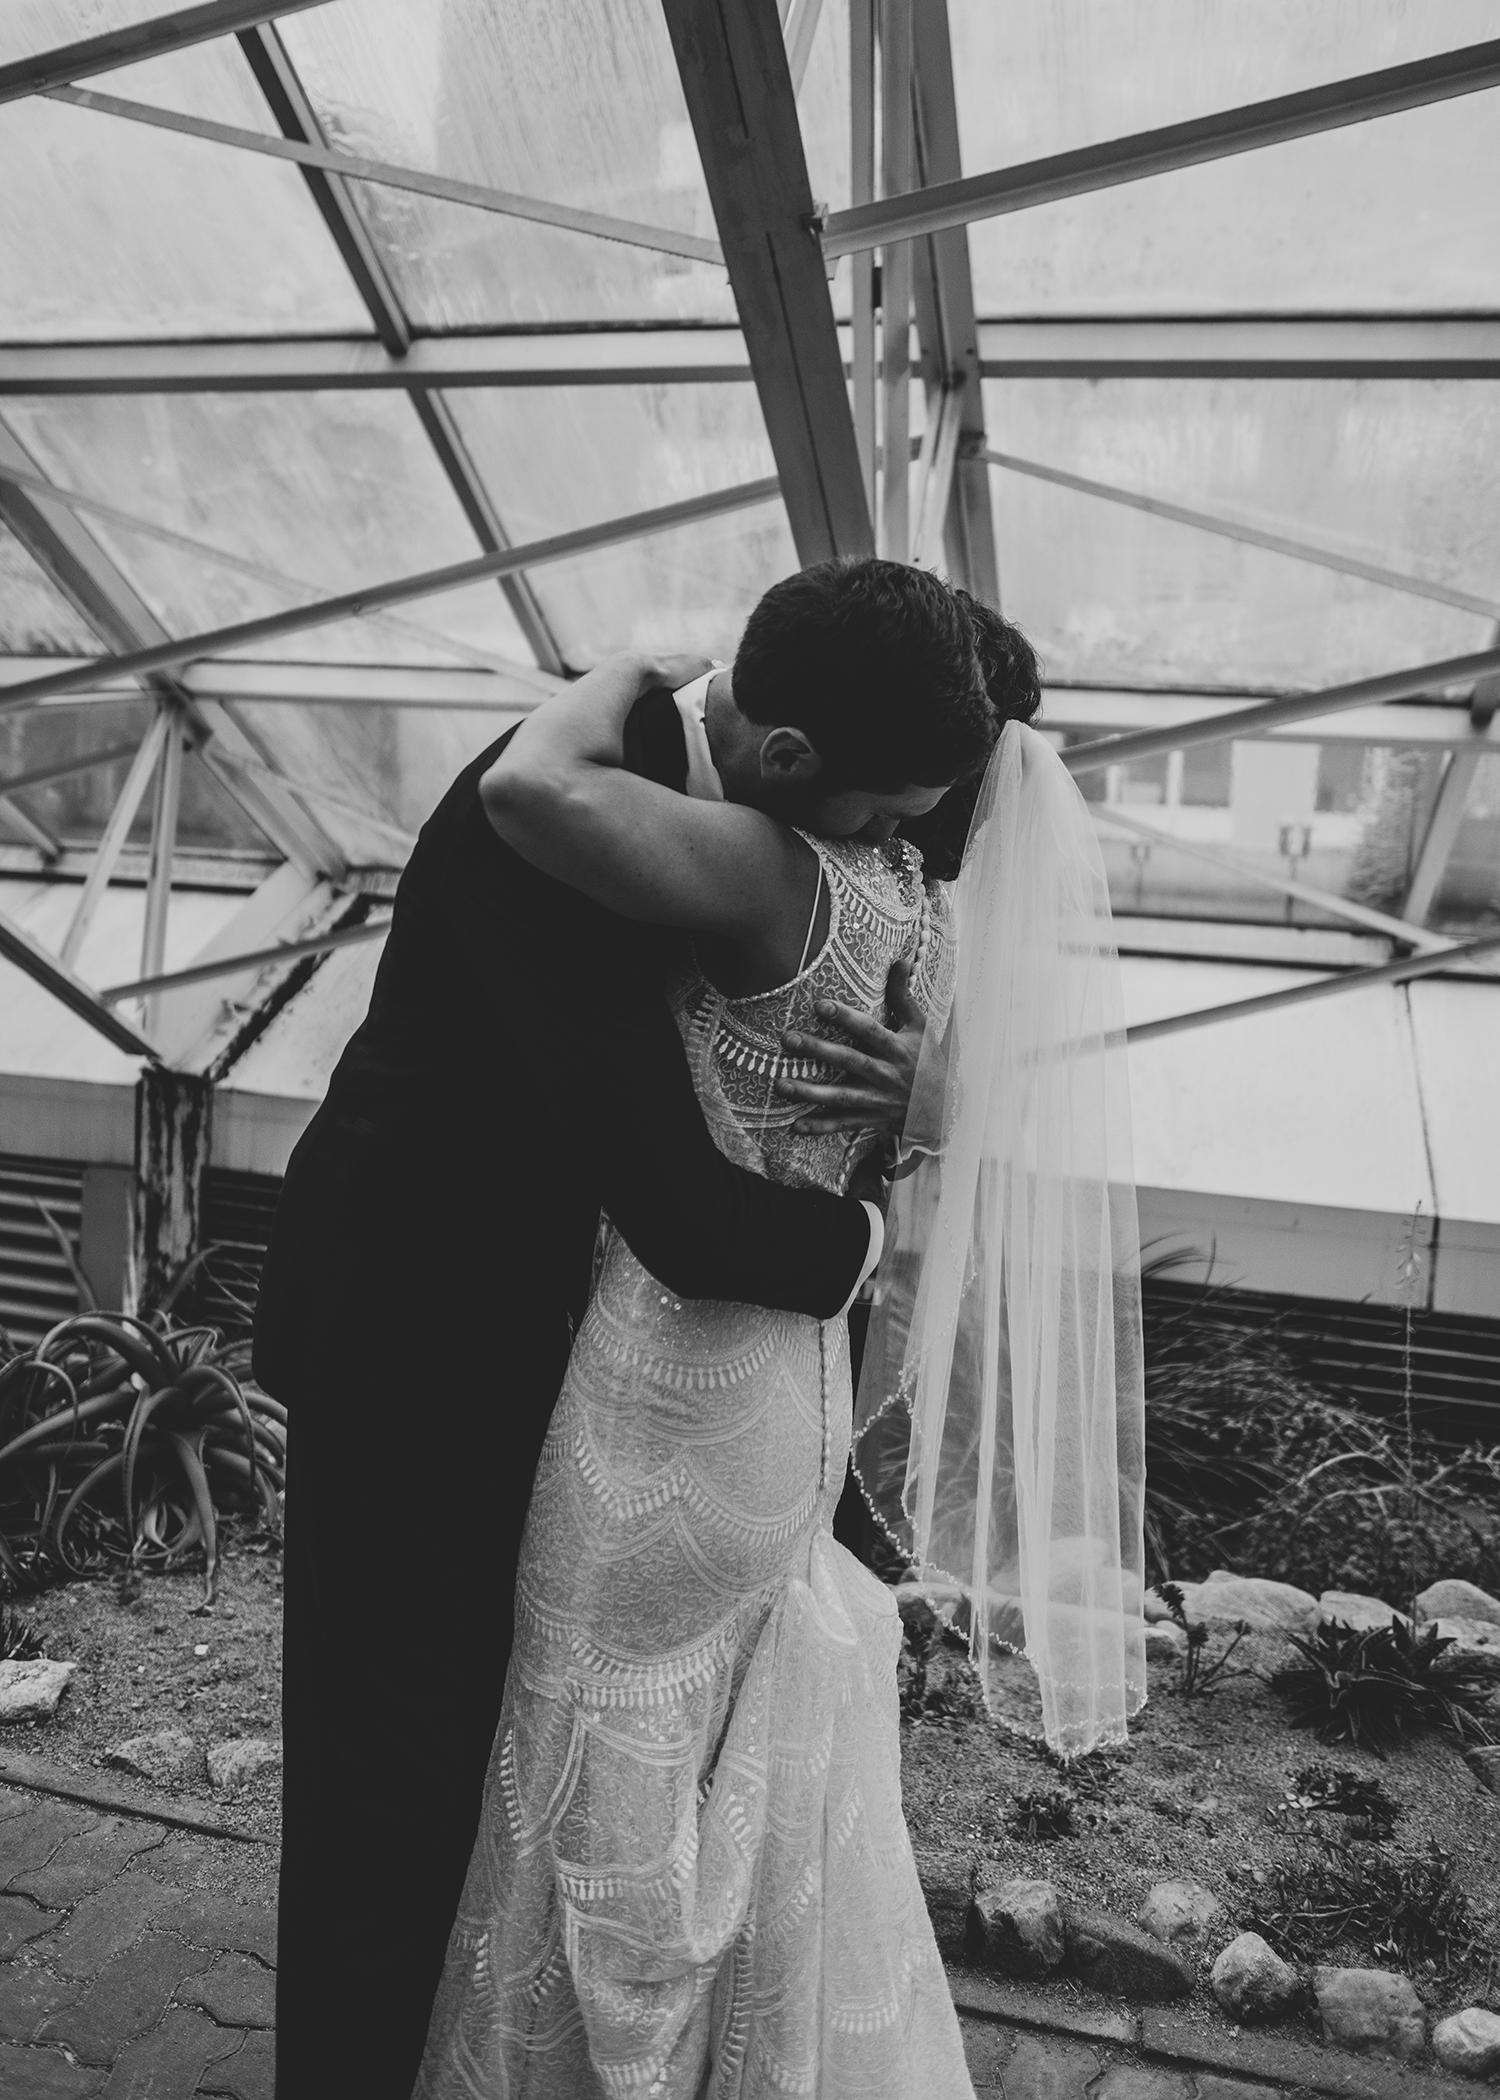 wedding dress wedding photography Foellinger-Freimann Botanical Conservatory indianapolis indiana hannah bergman Photography